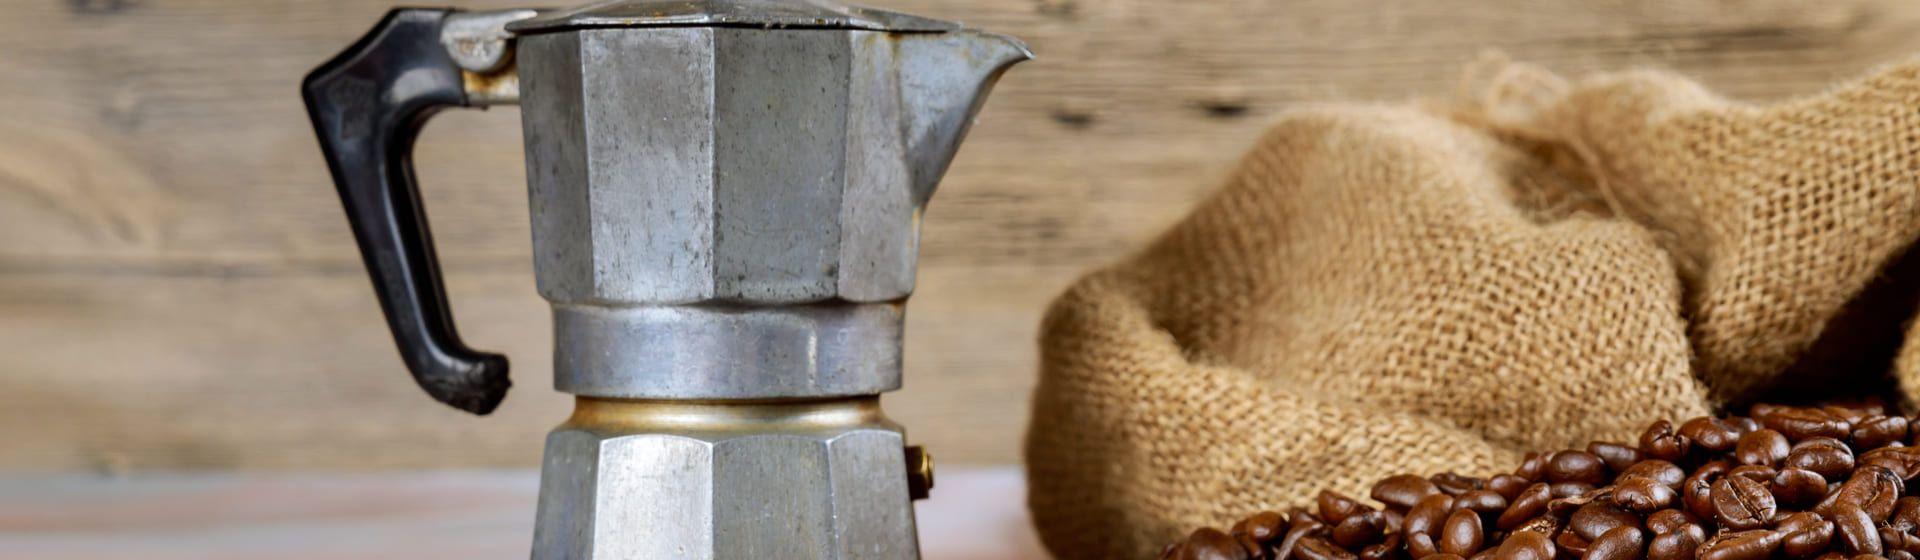 Como fazer café na cafeteira italiana?